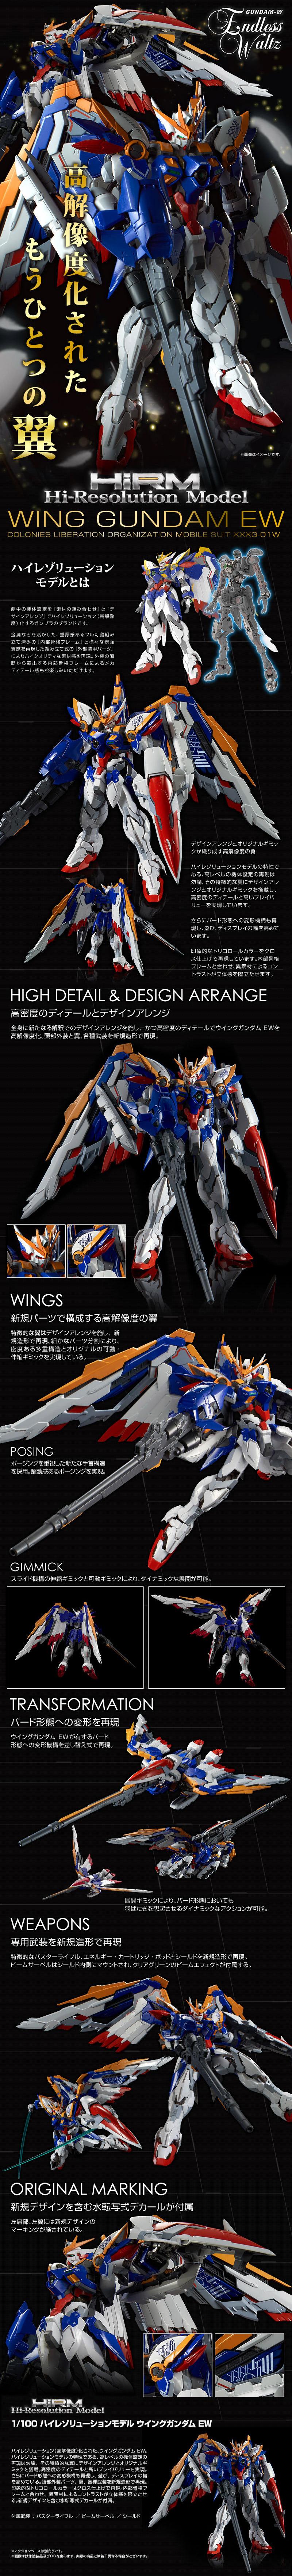 Hi-Resolution Model Wing Gundam EW Ver. Details